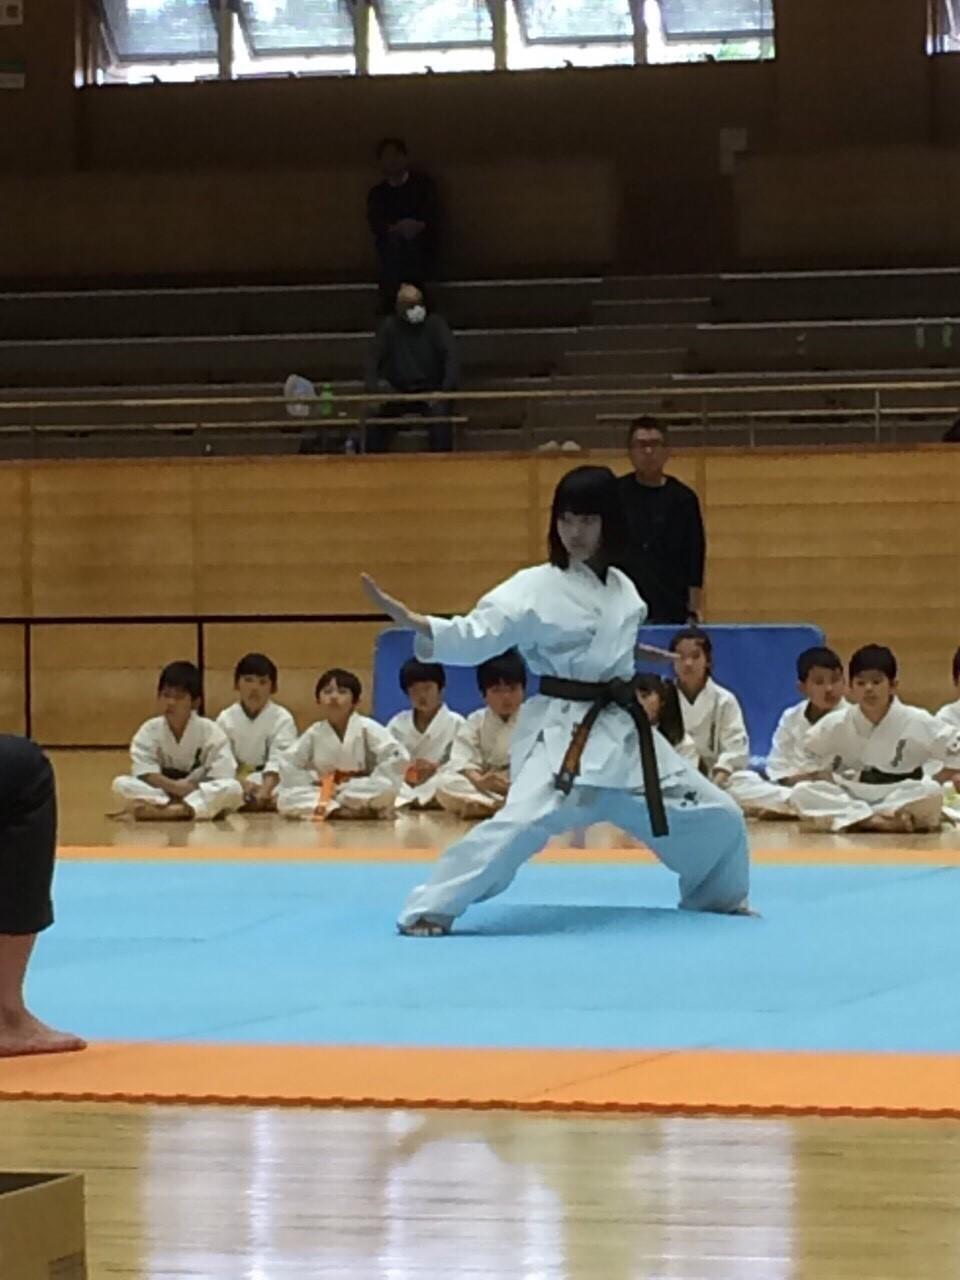 http://www.kyokushin-chibaminami.com/images/1433851100864.jpg